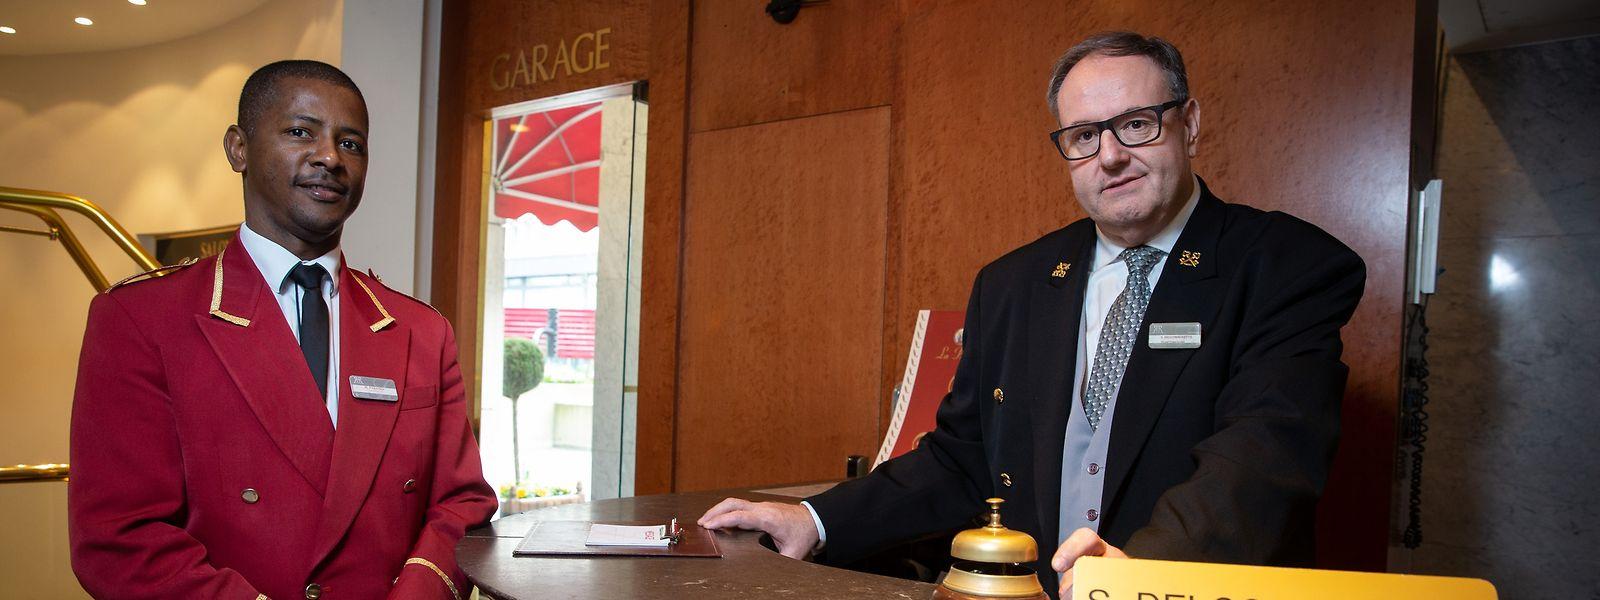 Monsieur Simon, trente ans de métier dans un cinq étoiles luxembourgeois.